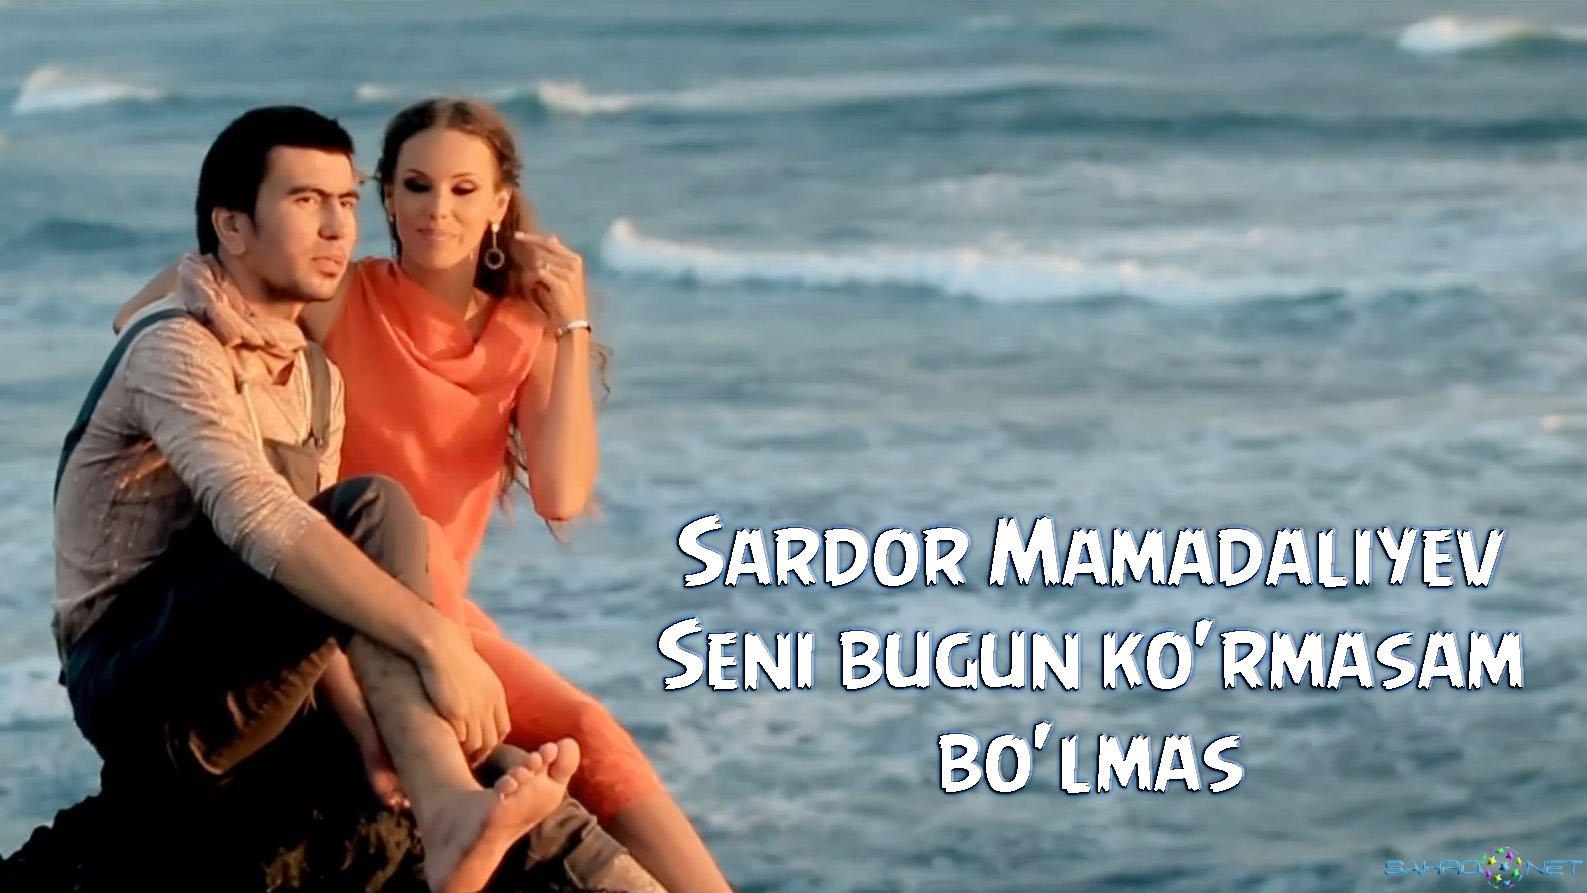 Sardor Mamadaliyev 2015 - Seni bugun ko'rmasam bo'lmas 2015